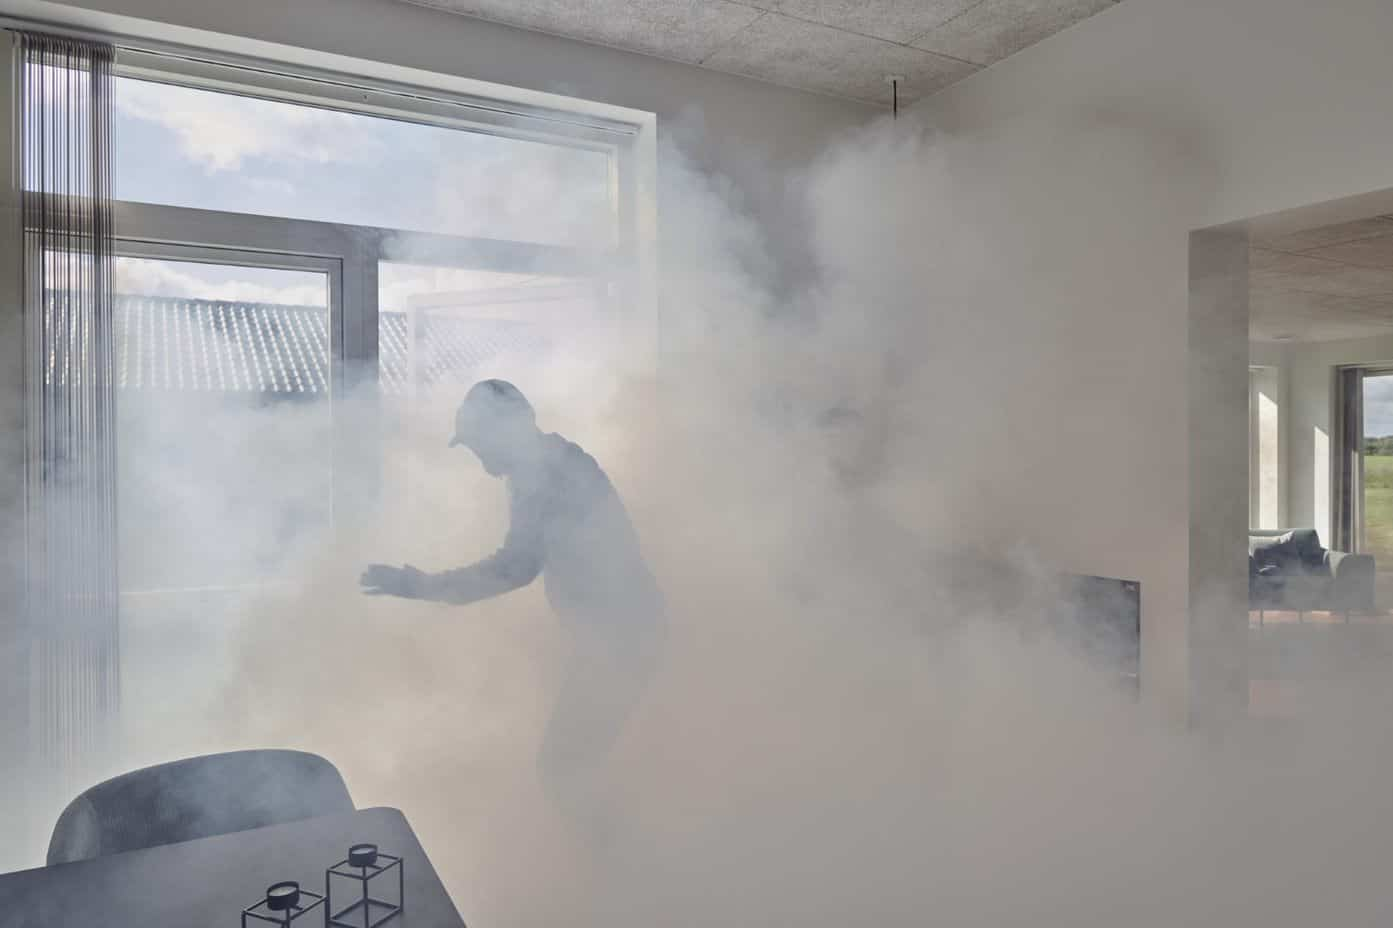 En tyvs reaktion ved aktivering af tågekanonen